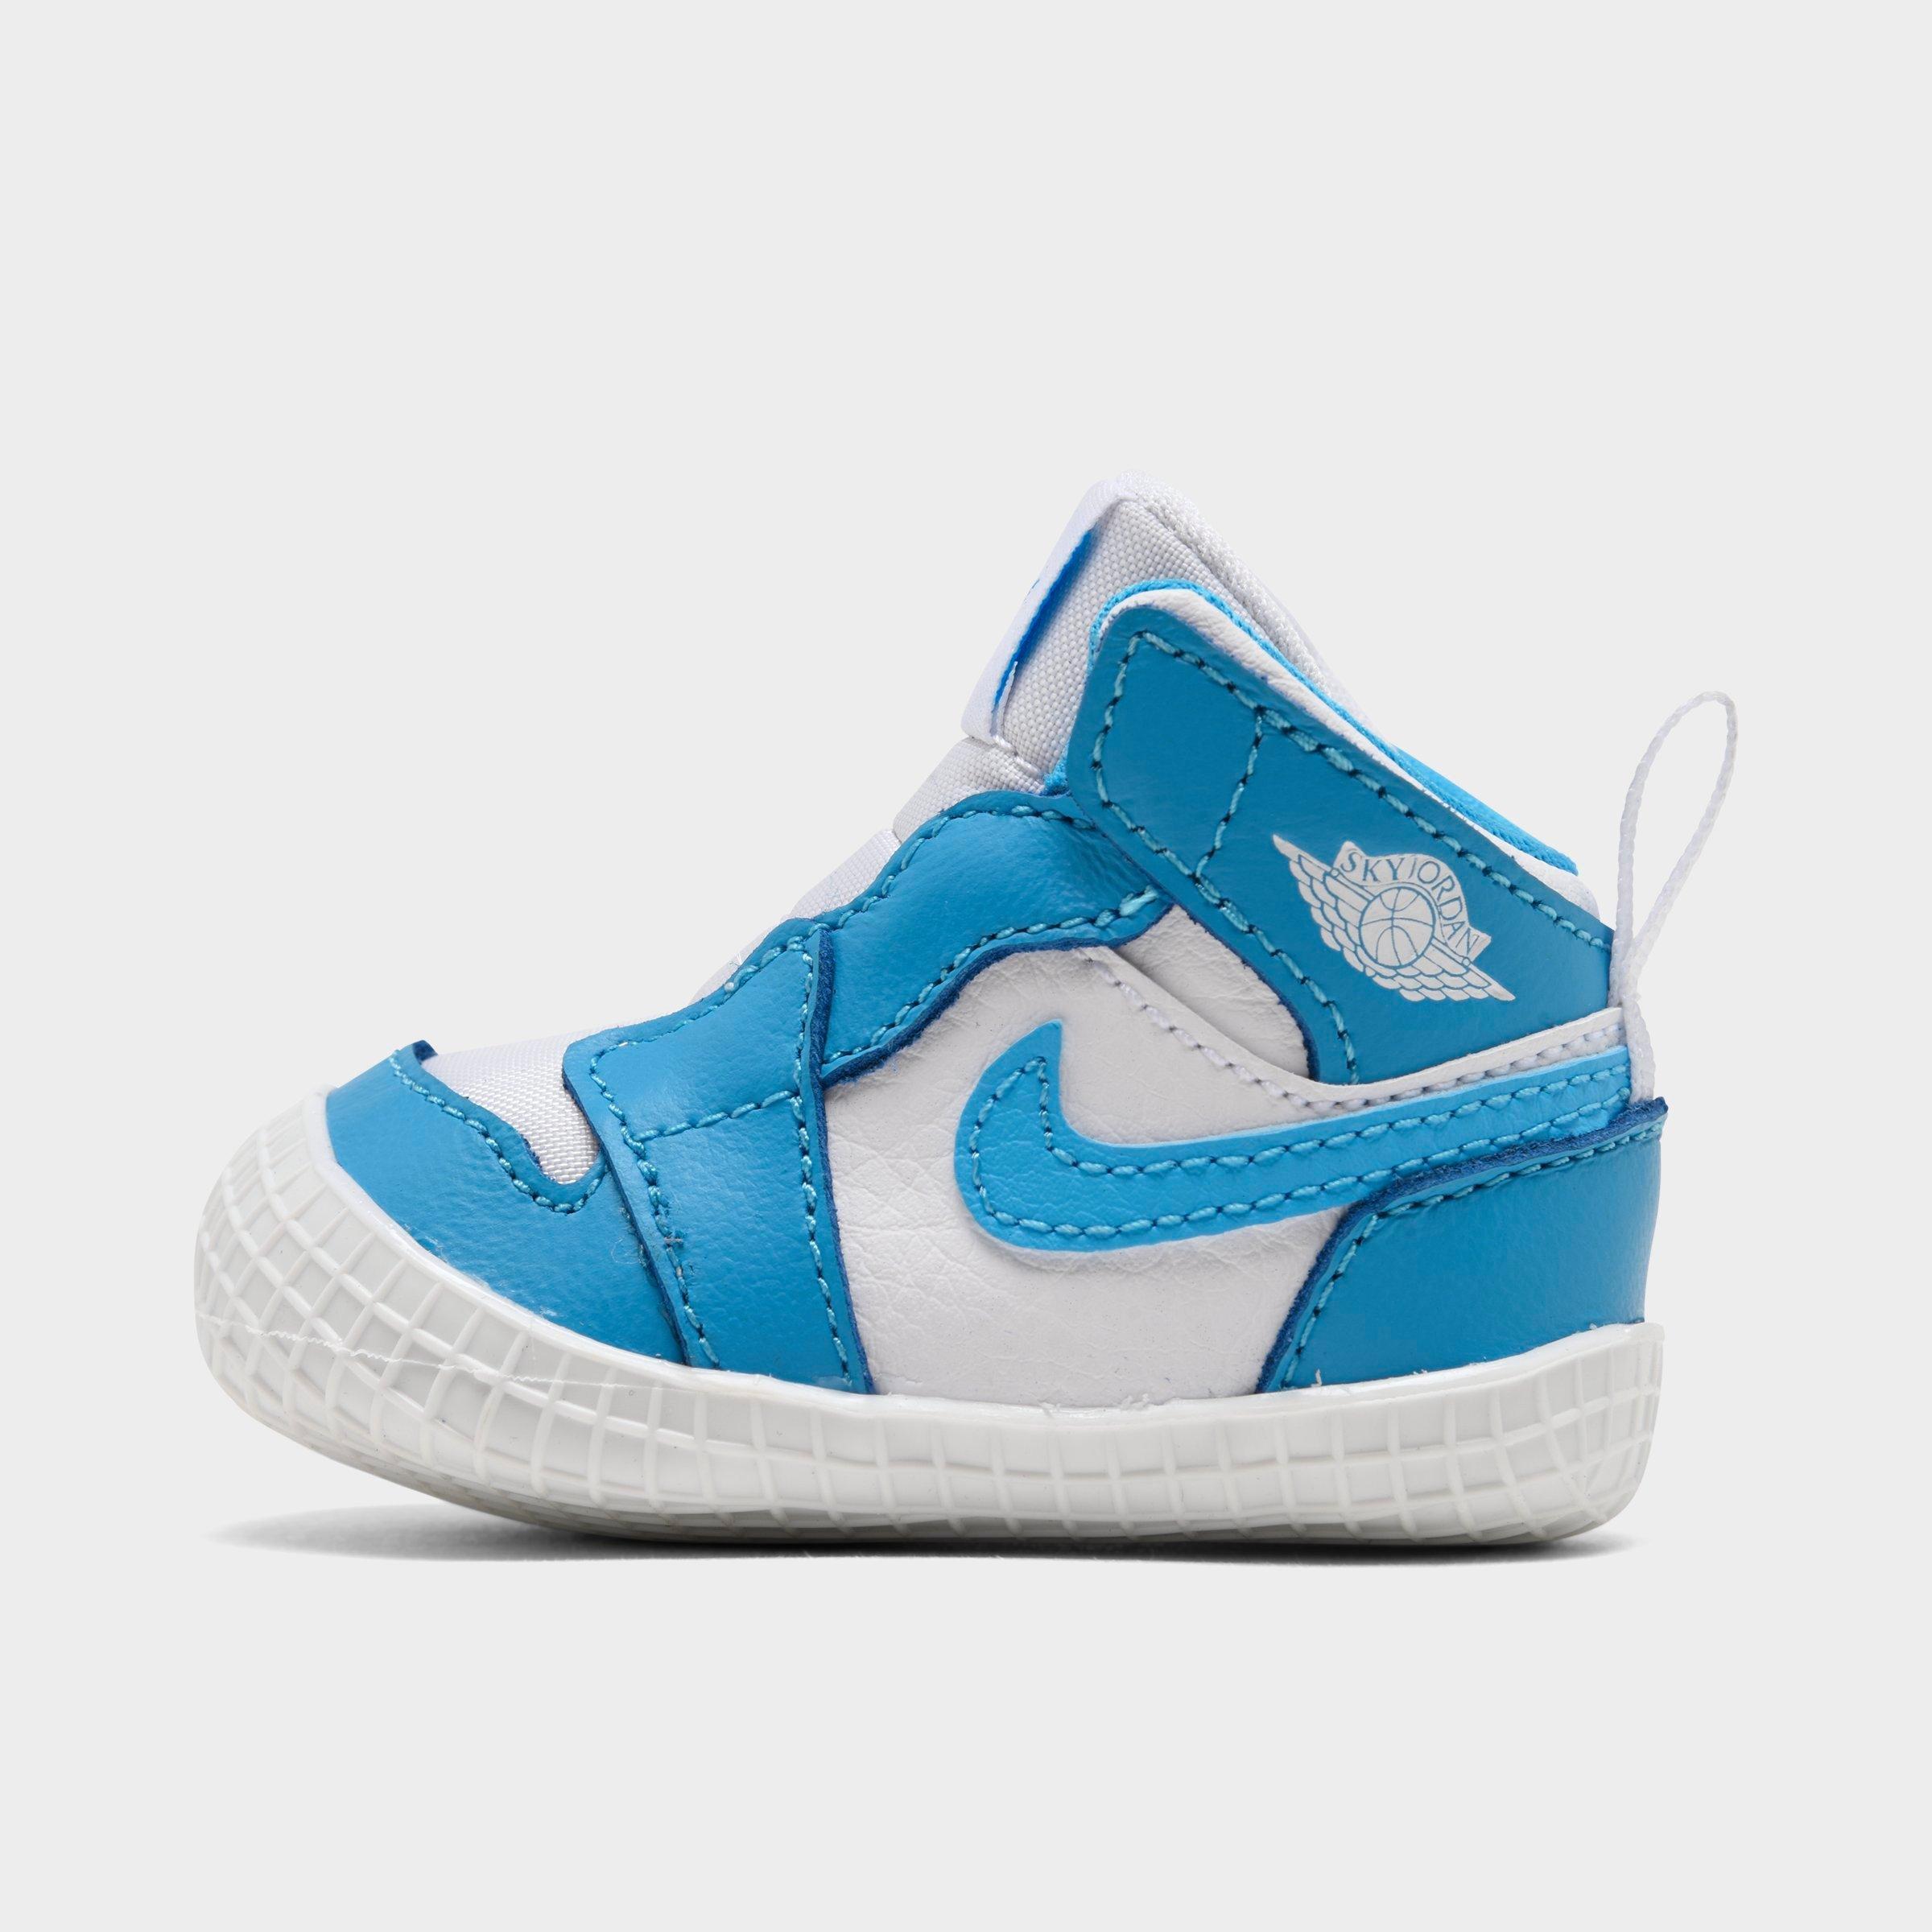 nike jordan crib shoes cheap online